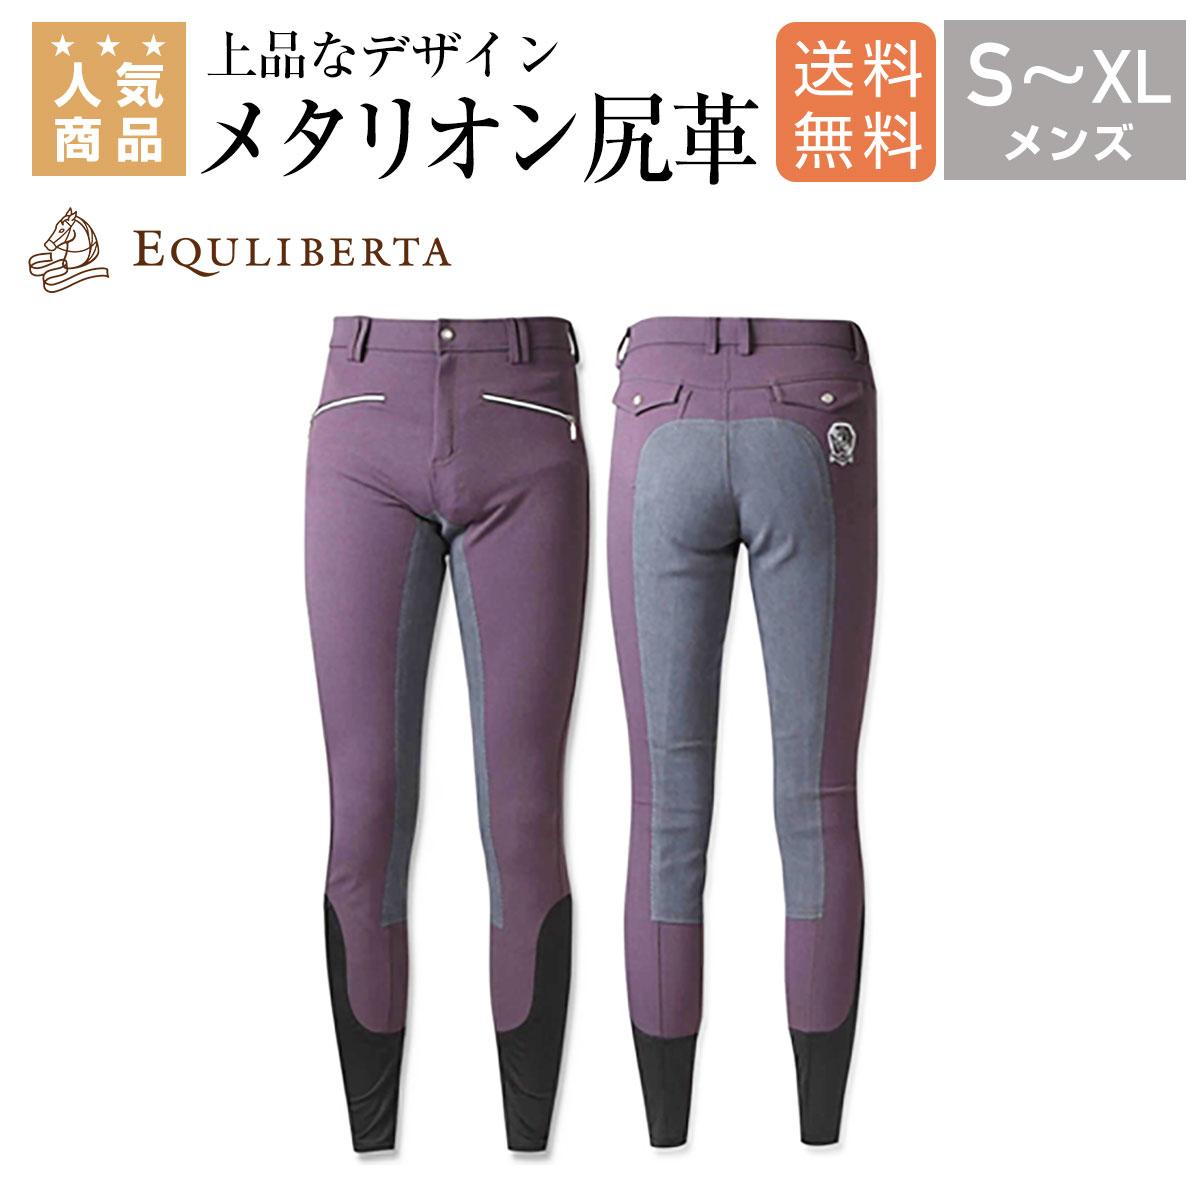 乗馬 キュロット ズボン パンツ EQULIBERTA メタリオンライディングキュロット 尻革 メンズ 乗馬用品 馬具